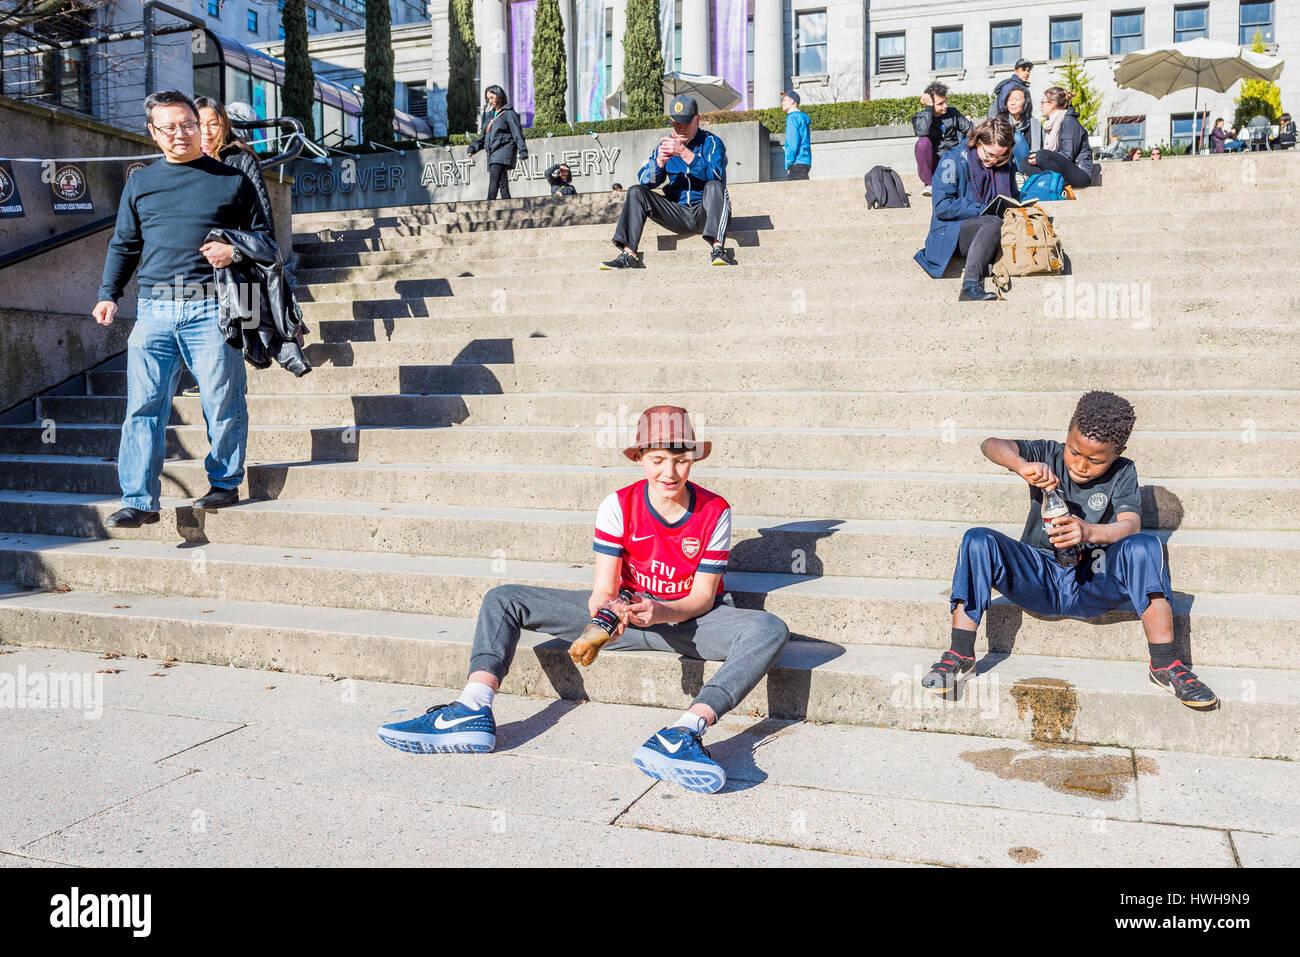 Los niños agitando refrescos Coca cola botellas de coque, Vancouver, British Columbia, Canadá. Foto de stock